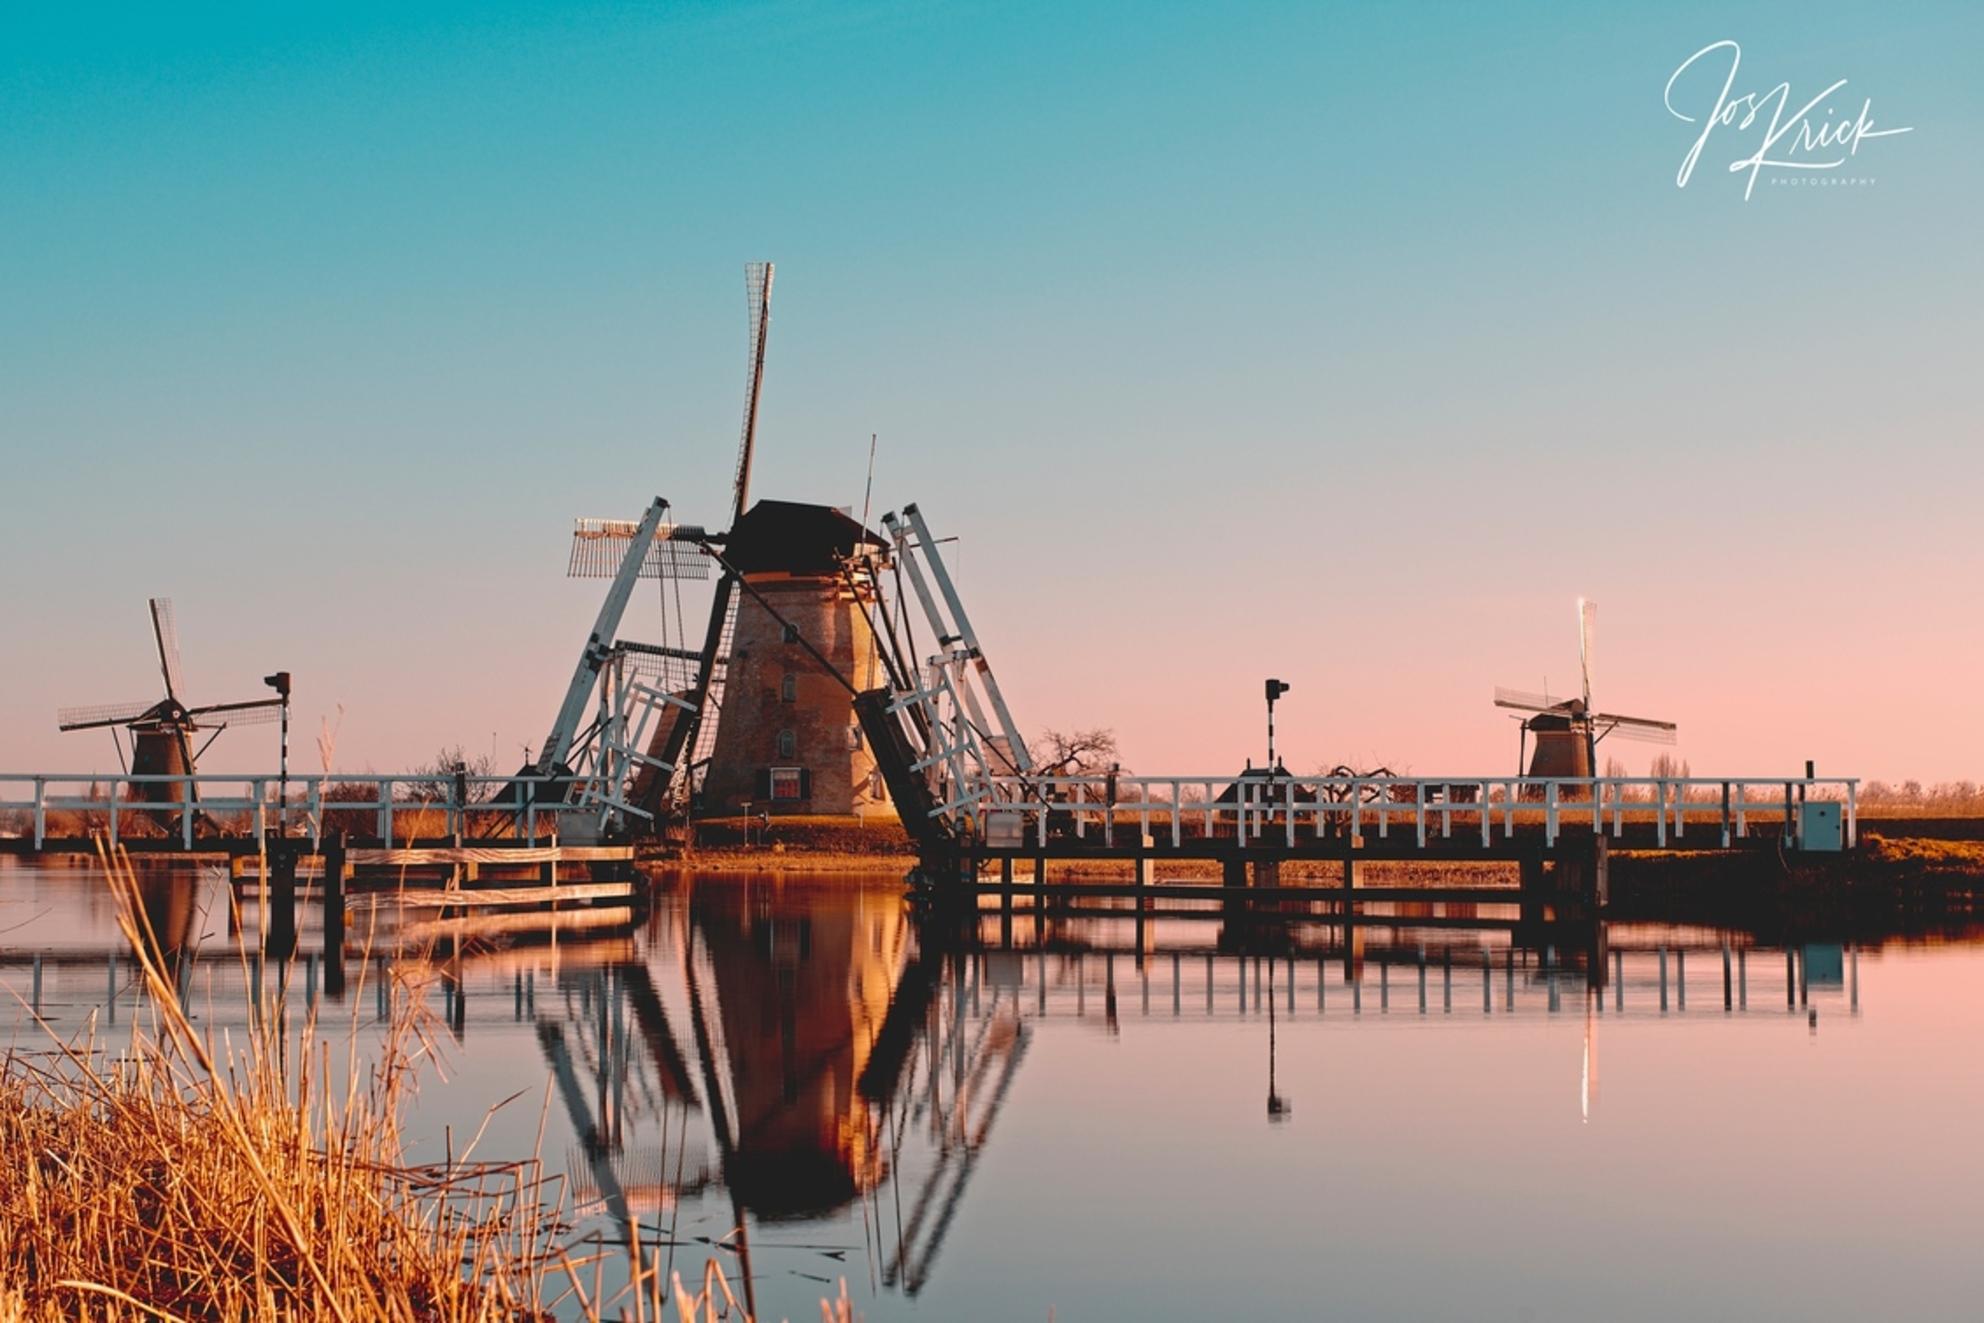 Sunset Kinderdijk - Zonsondergang na een mooie windstille, zonnige dag. - foto door Jos-Krick-Photography op 06-03-2021 - deze foto bevat: lucht, water, licht, avond, zonsondergang, spiegeling, molen, polder - Deze foto mag gebruikt worden in een Zoom.nl publicatie